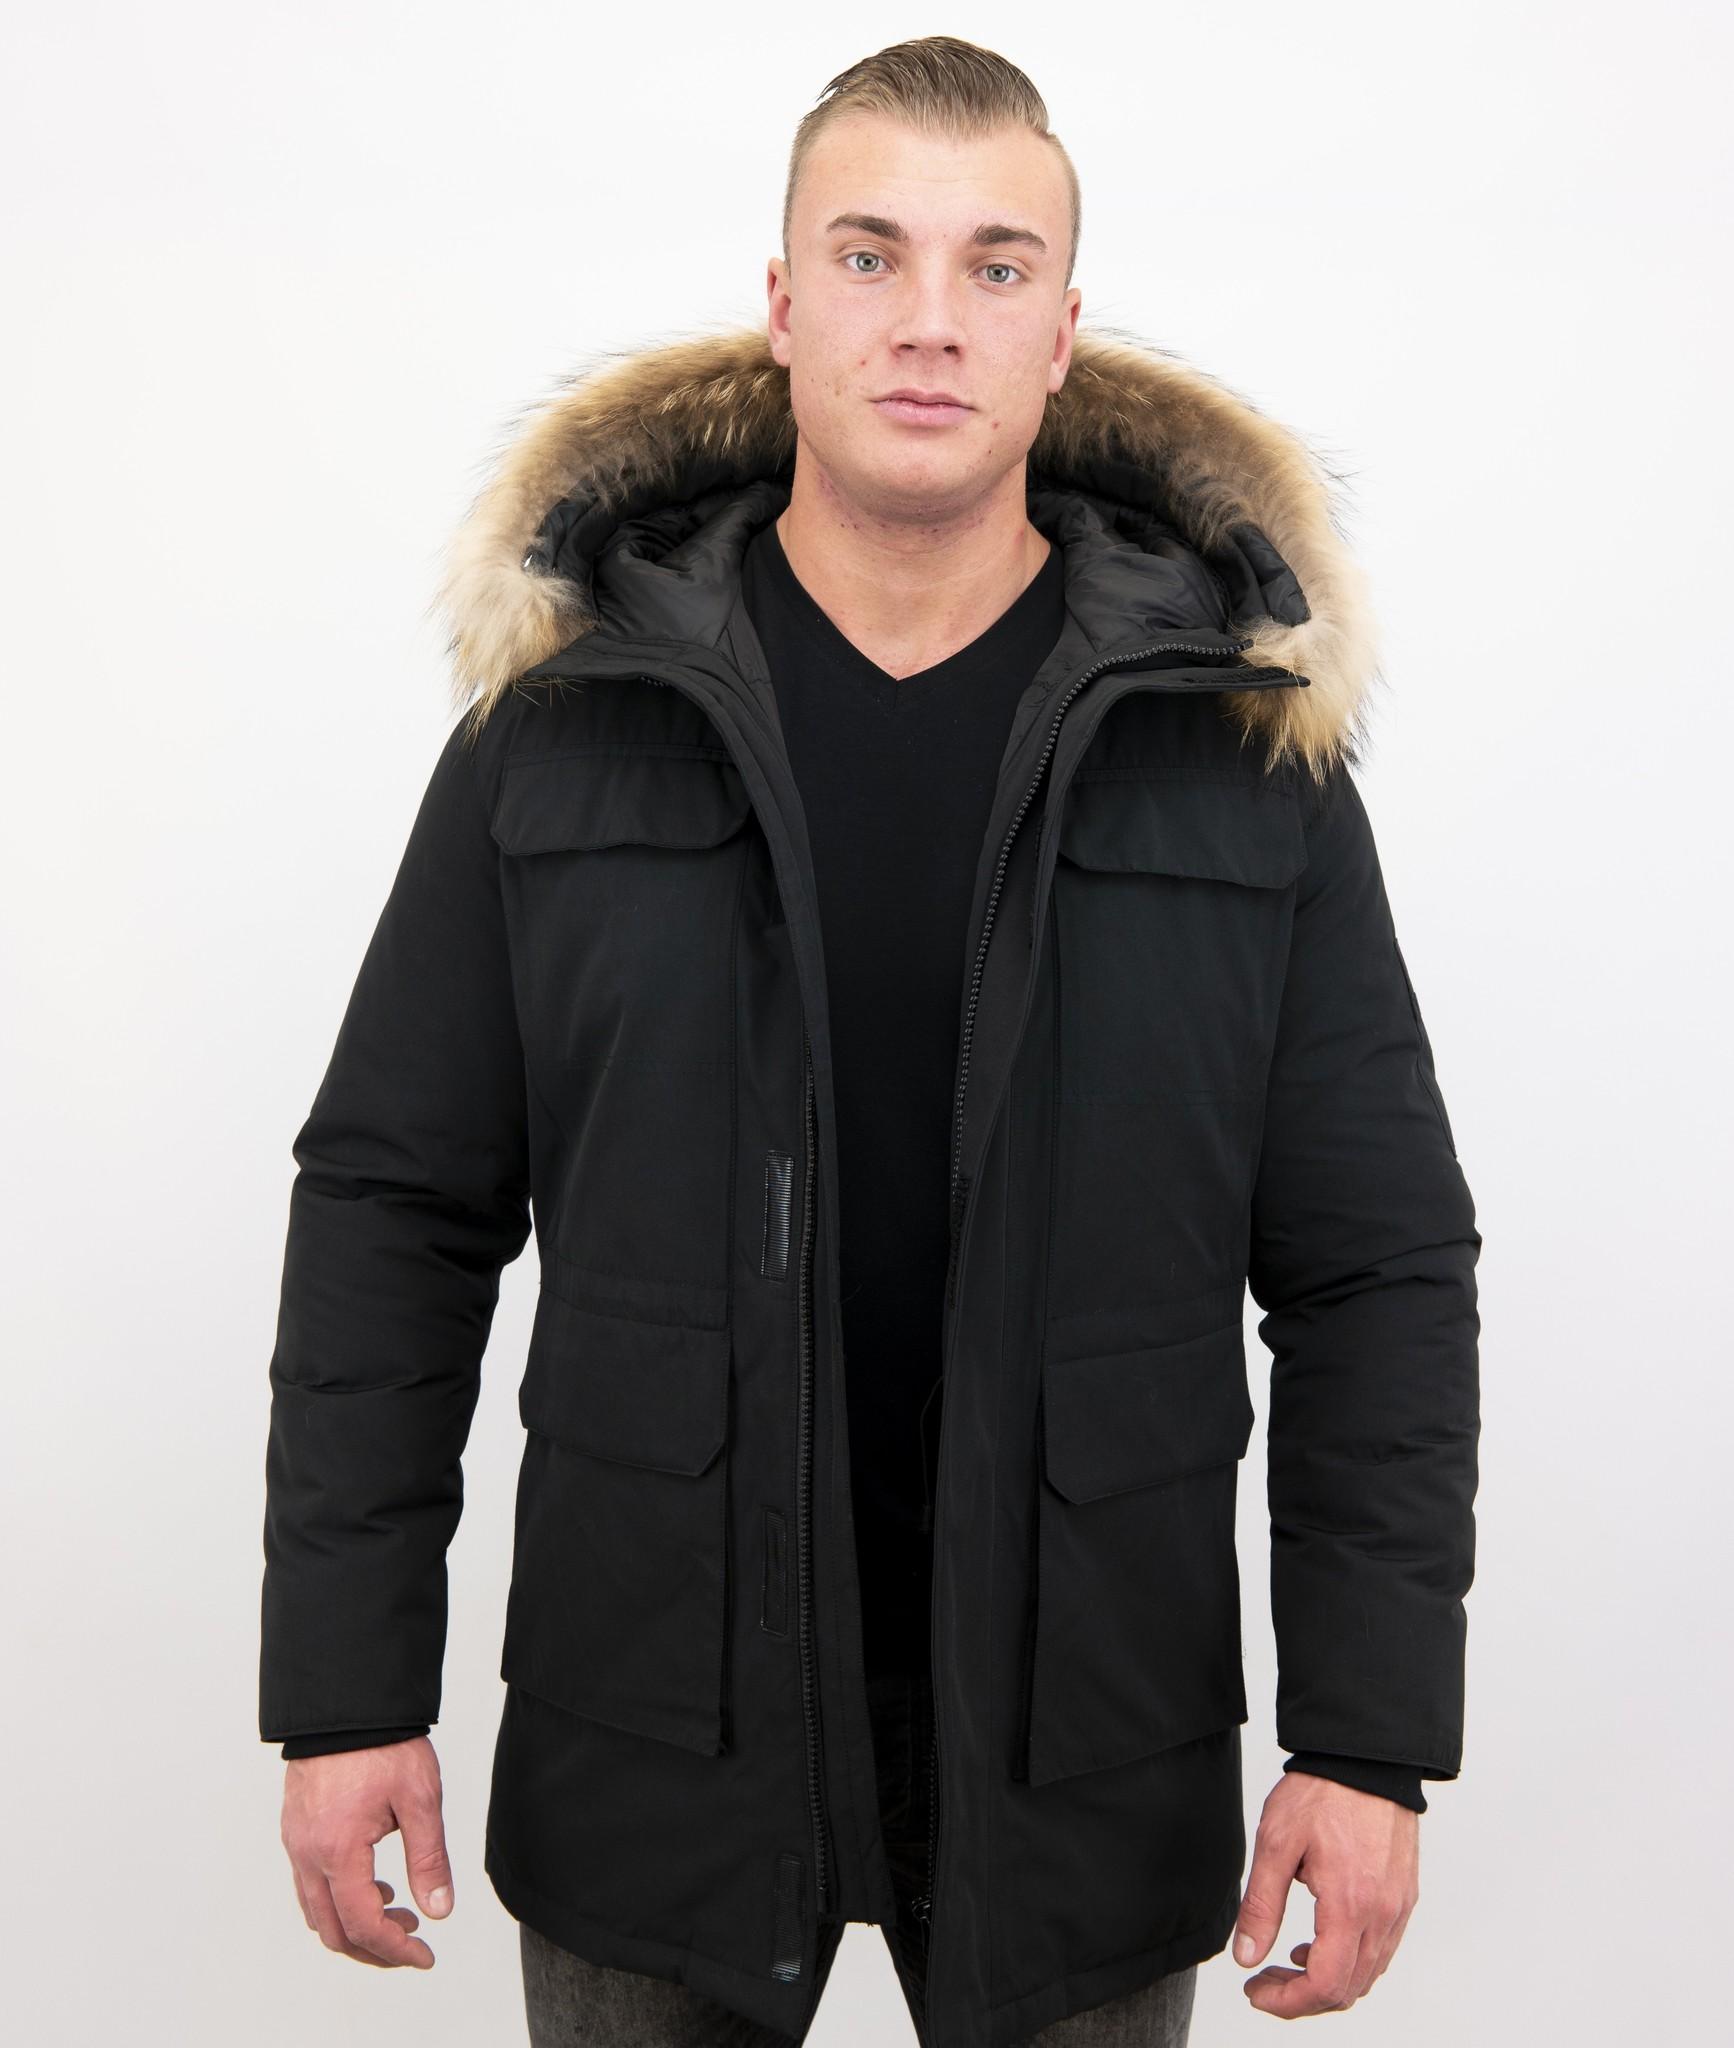 Heren Parka Winterjas met Grote Echte Bontkraag – Zwart